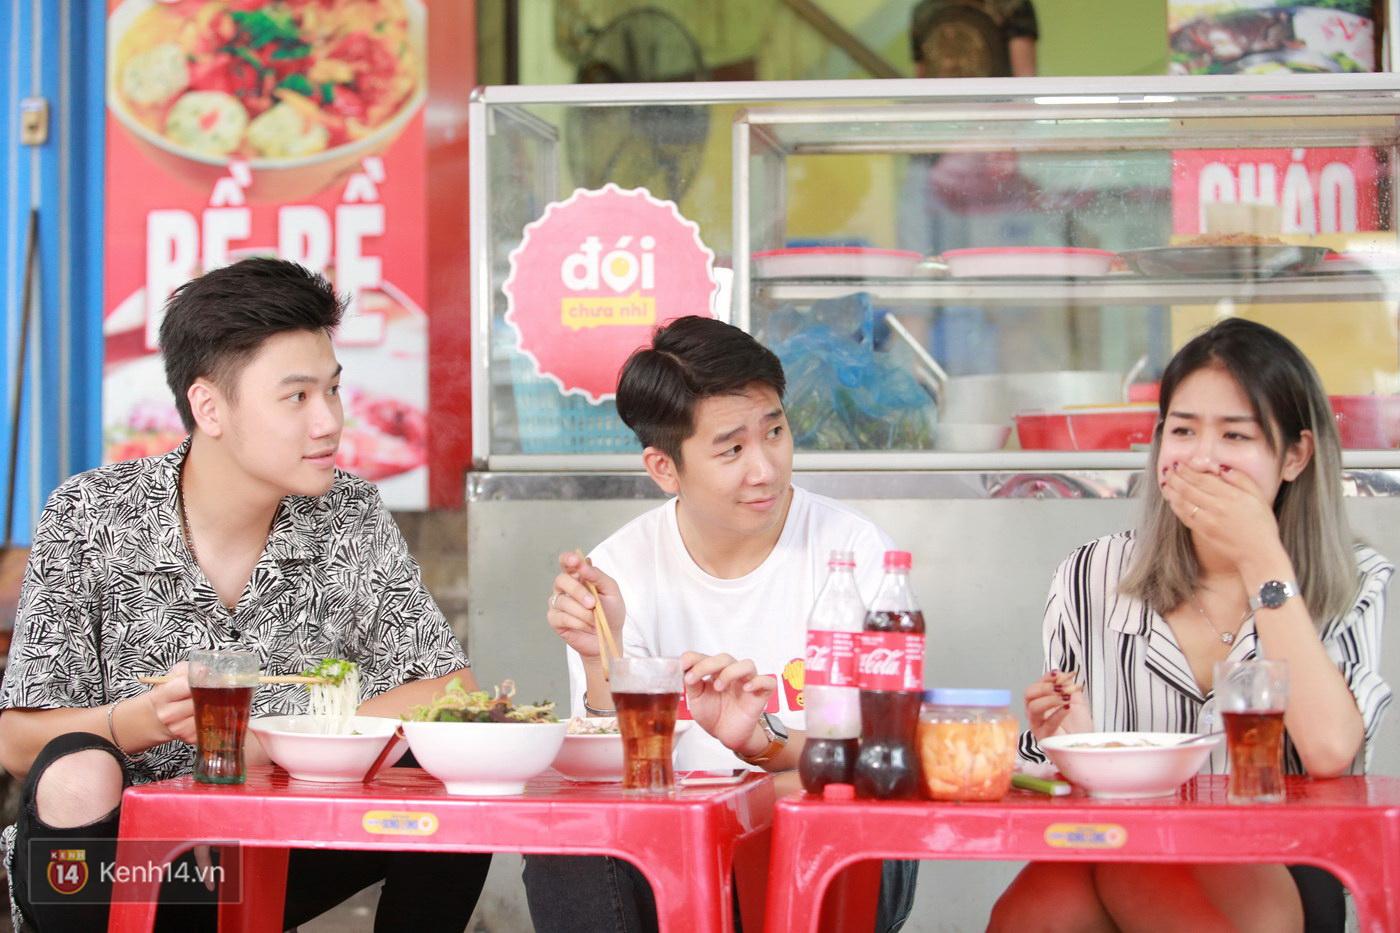 Đói Chưa Nhỉ: Những khoảnh khắc đáng yêu của cặp đôi nổi tiếng Tùng Sơn - Trang Lou - Ảnh 10.